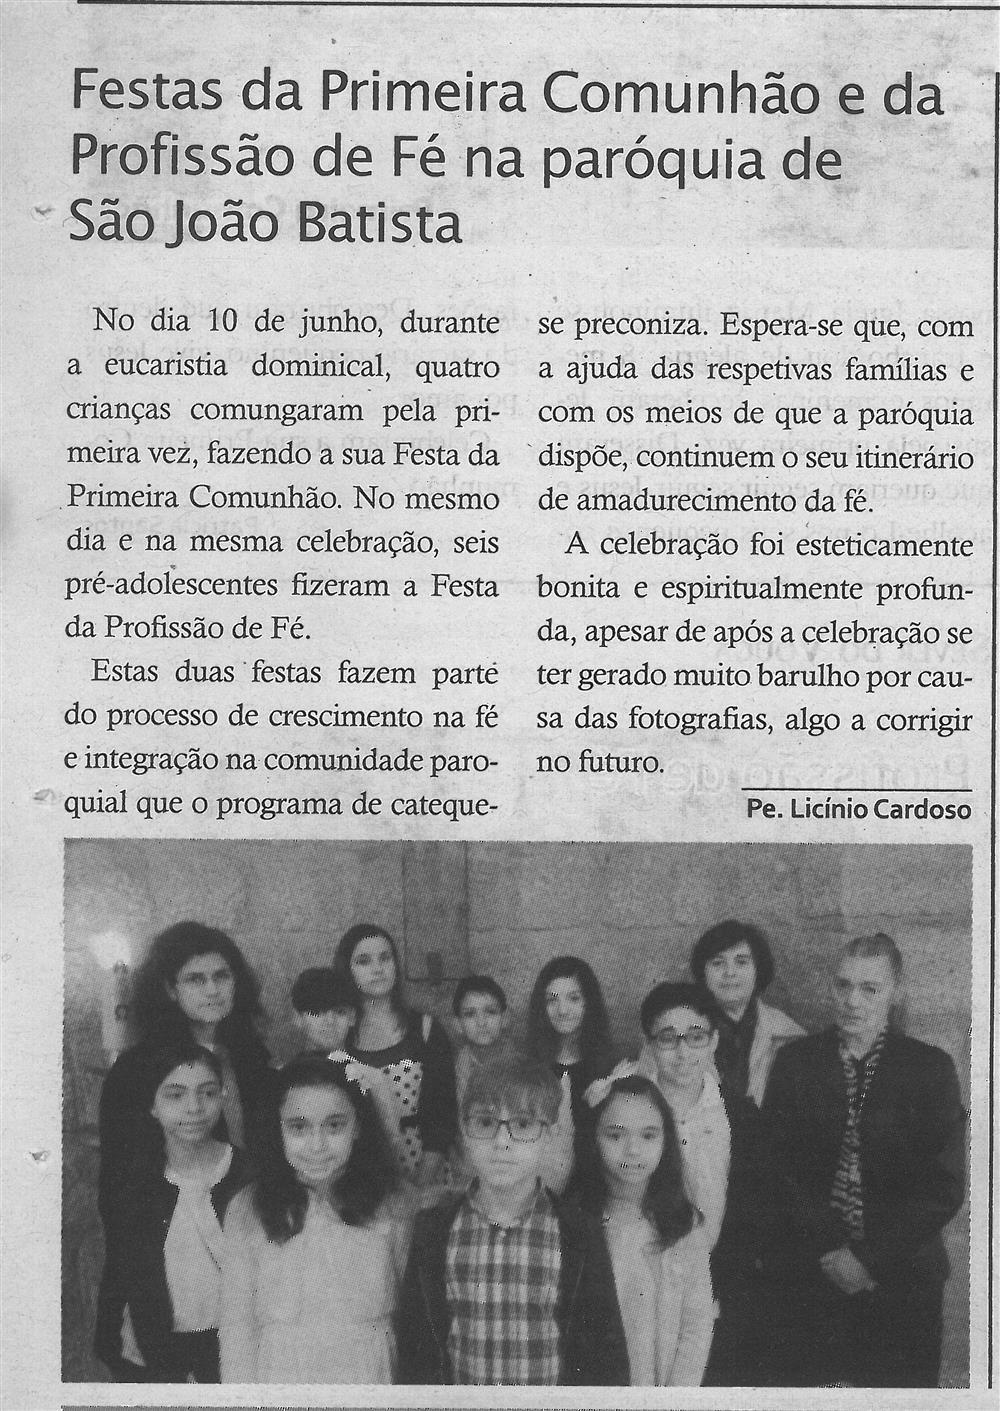 TV-jul.'18-p.18-Festas da Primeira Comunhão e da Profissão de Fé na Paróquia de São João Batista.jpg